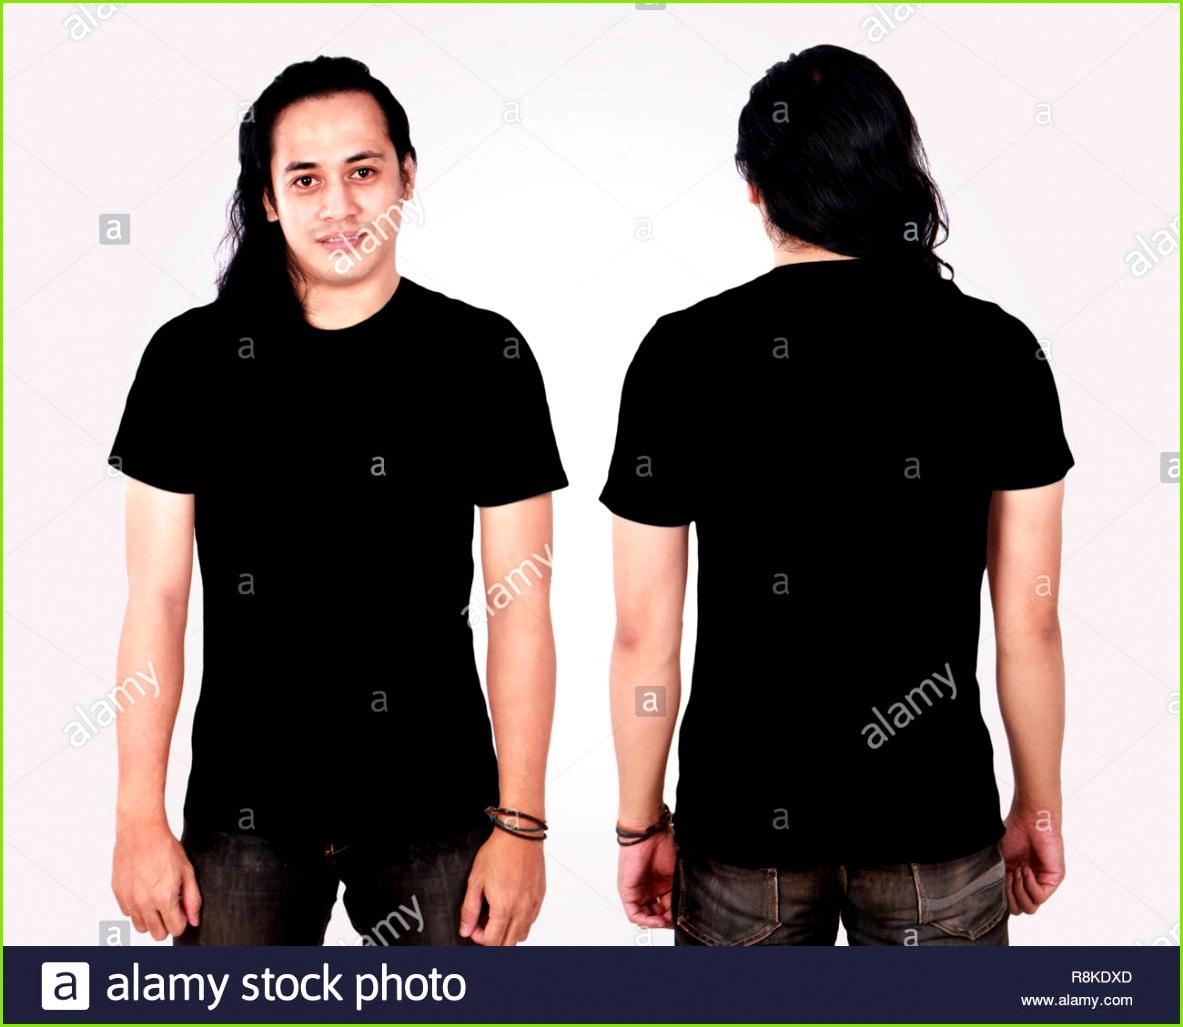 Foto Bild eines asiatischen Modell lächelnd und mit leeren schwarzen T Shirt vorne und